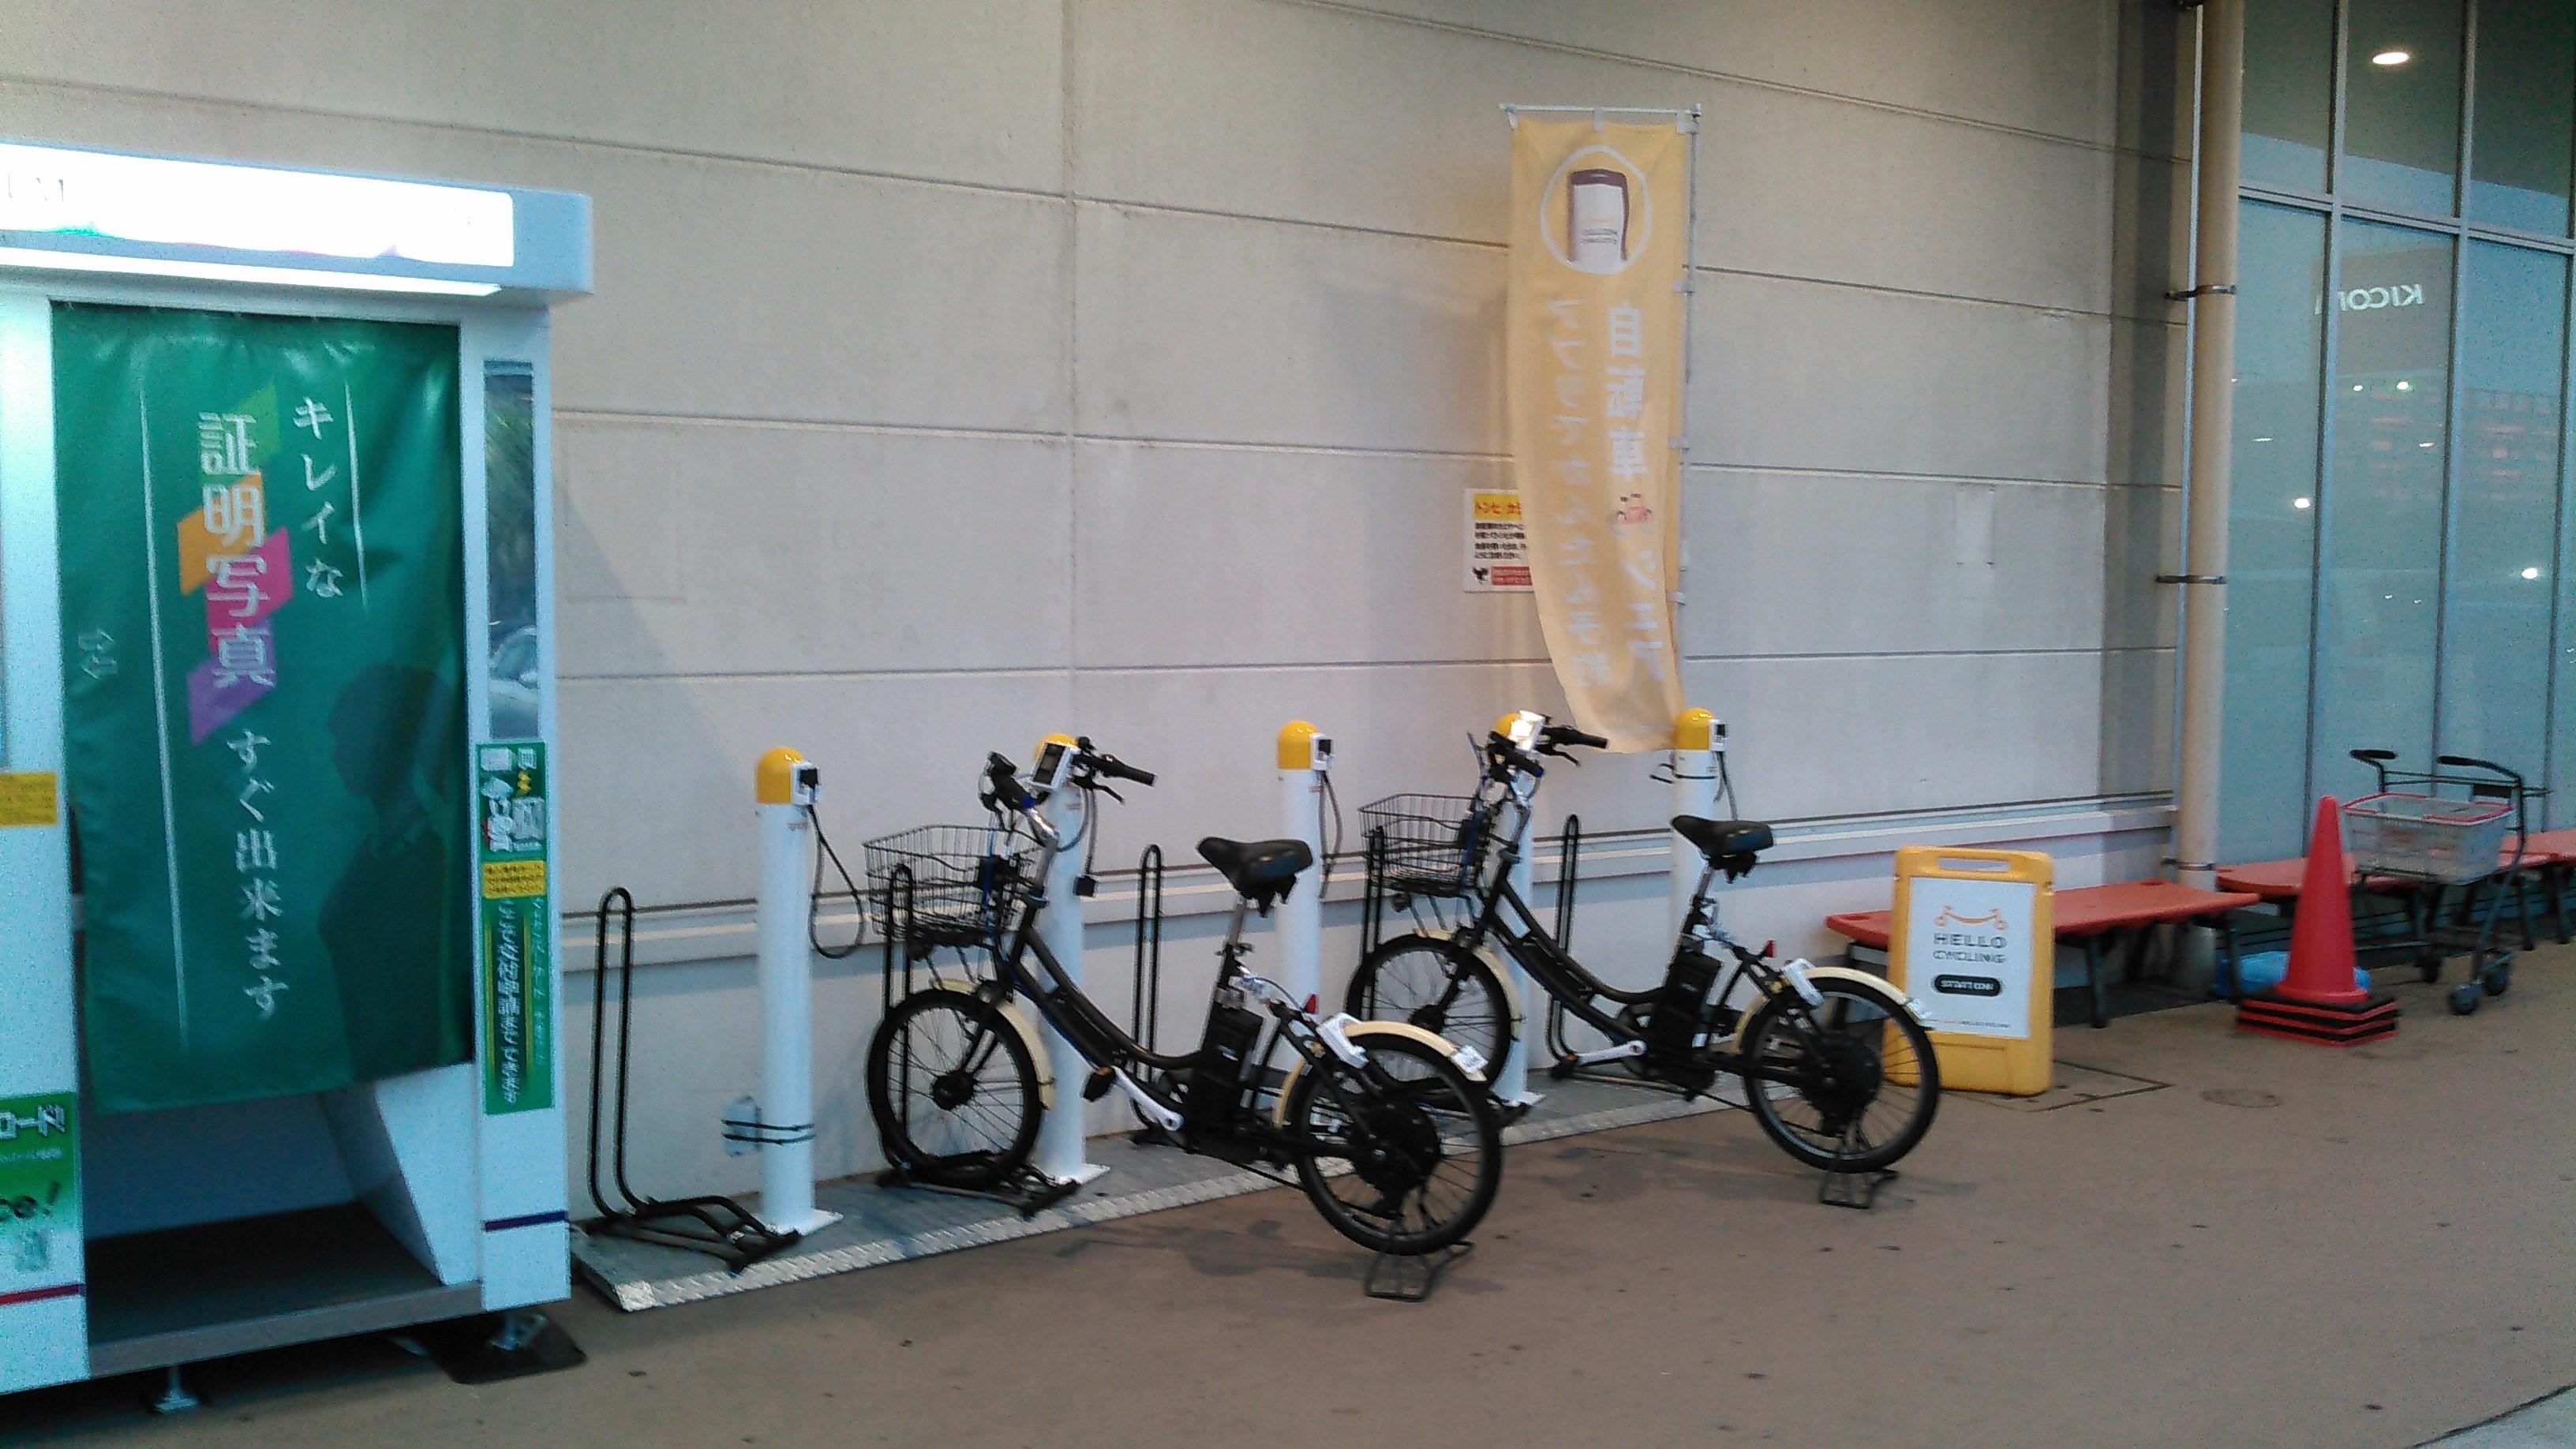 【ベルシェア】ノジマモール横須賀 (HELLO CYCLING ポート) image